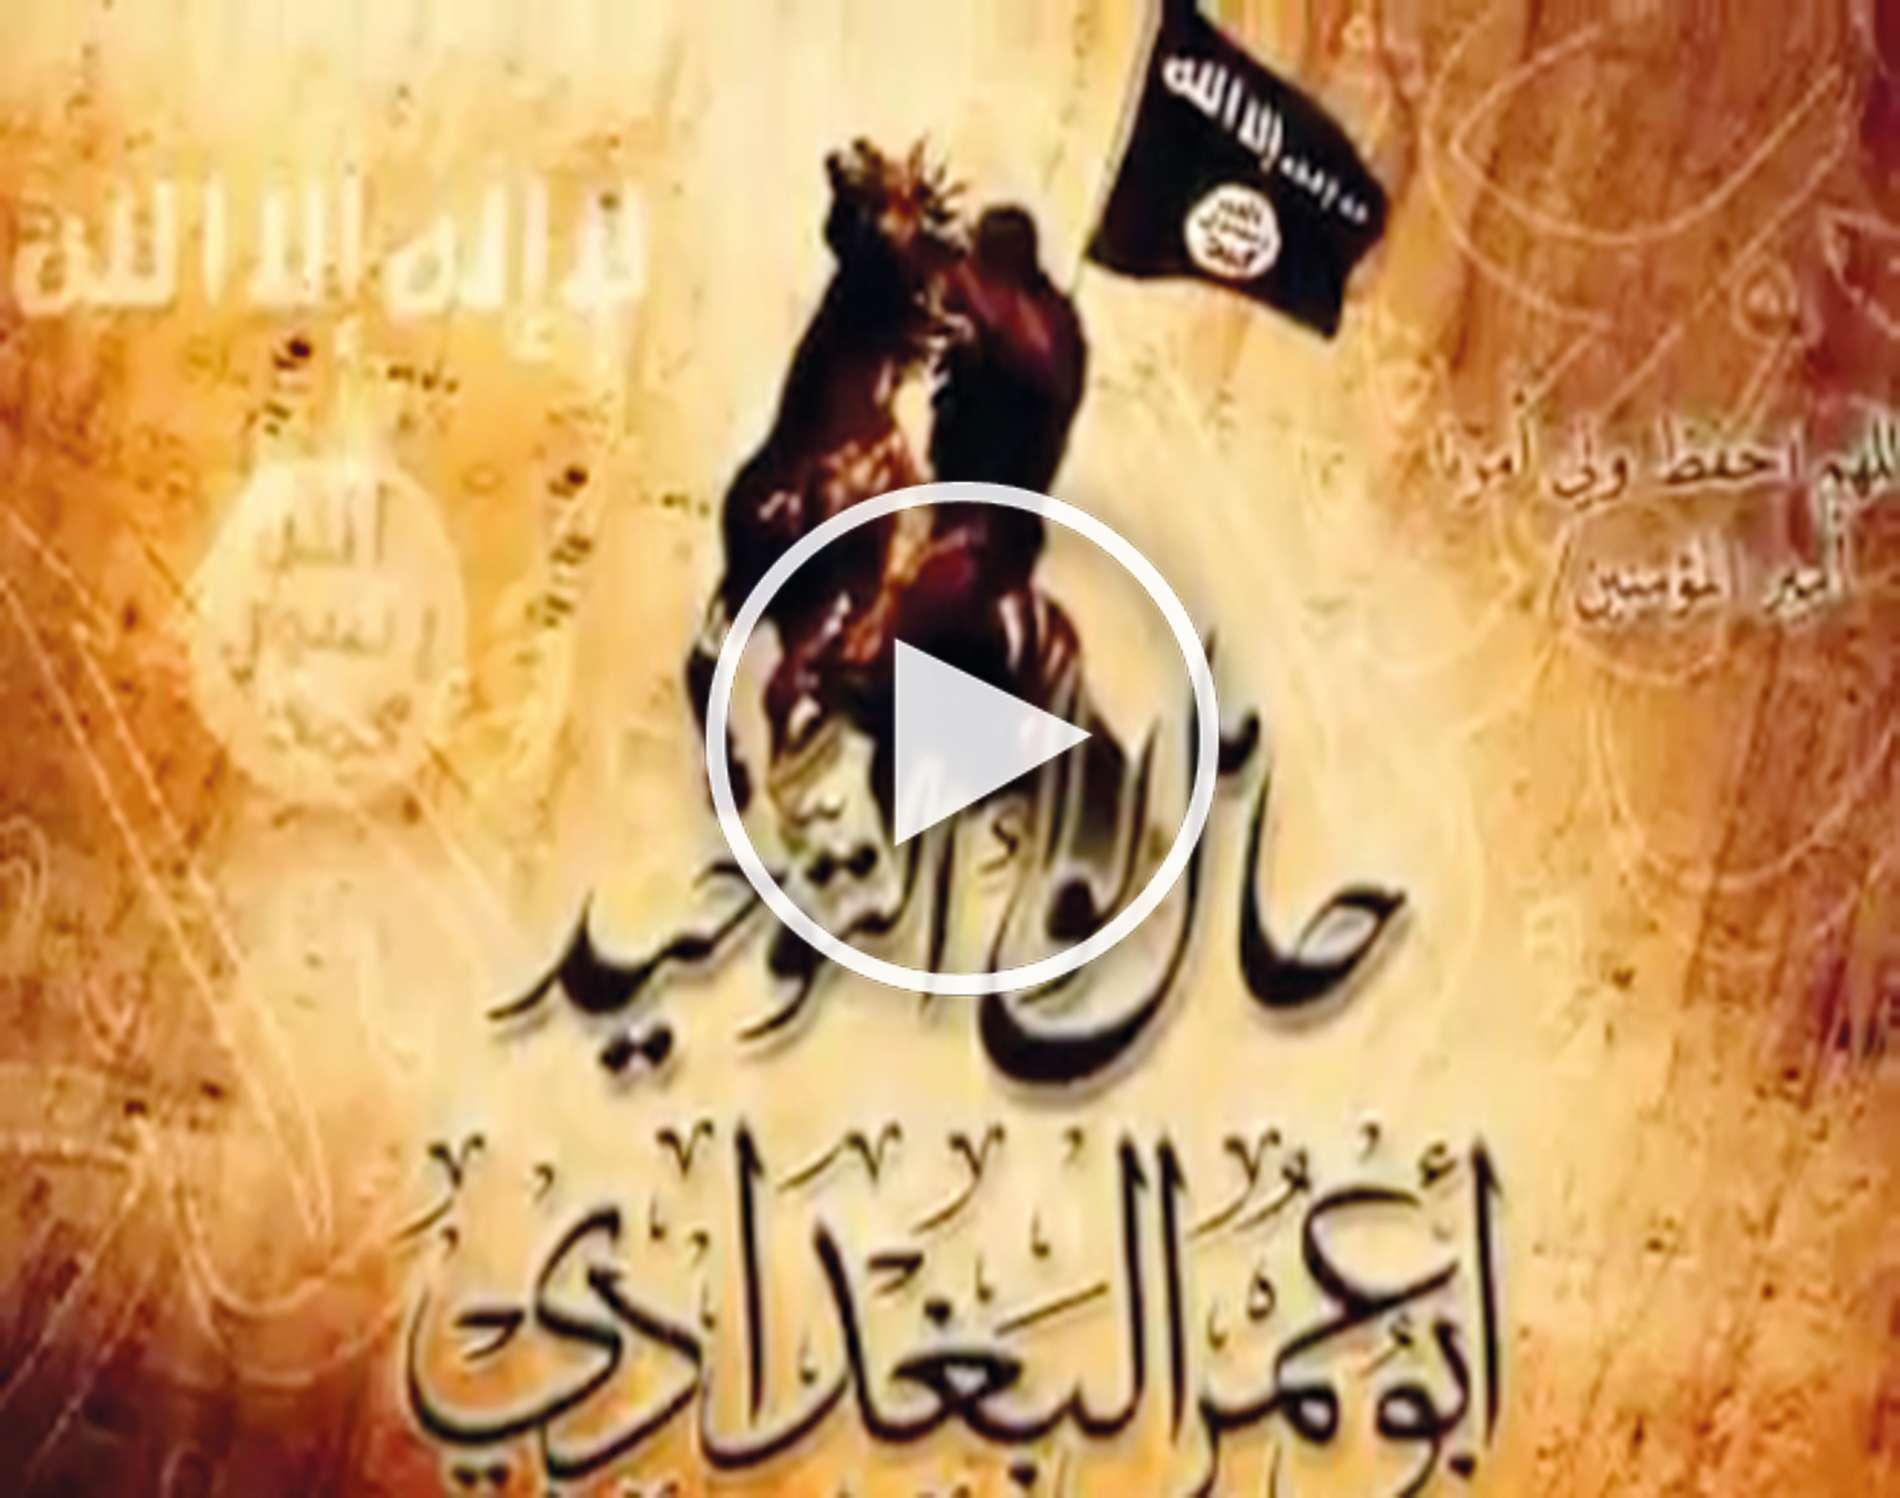 Das Dschihad-Video zeigt nicht gerade friedliche Szenen.